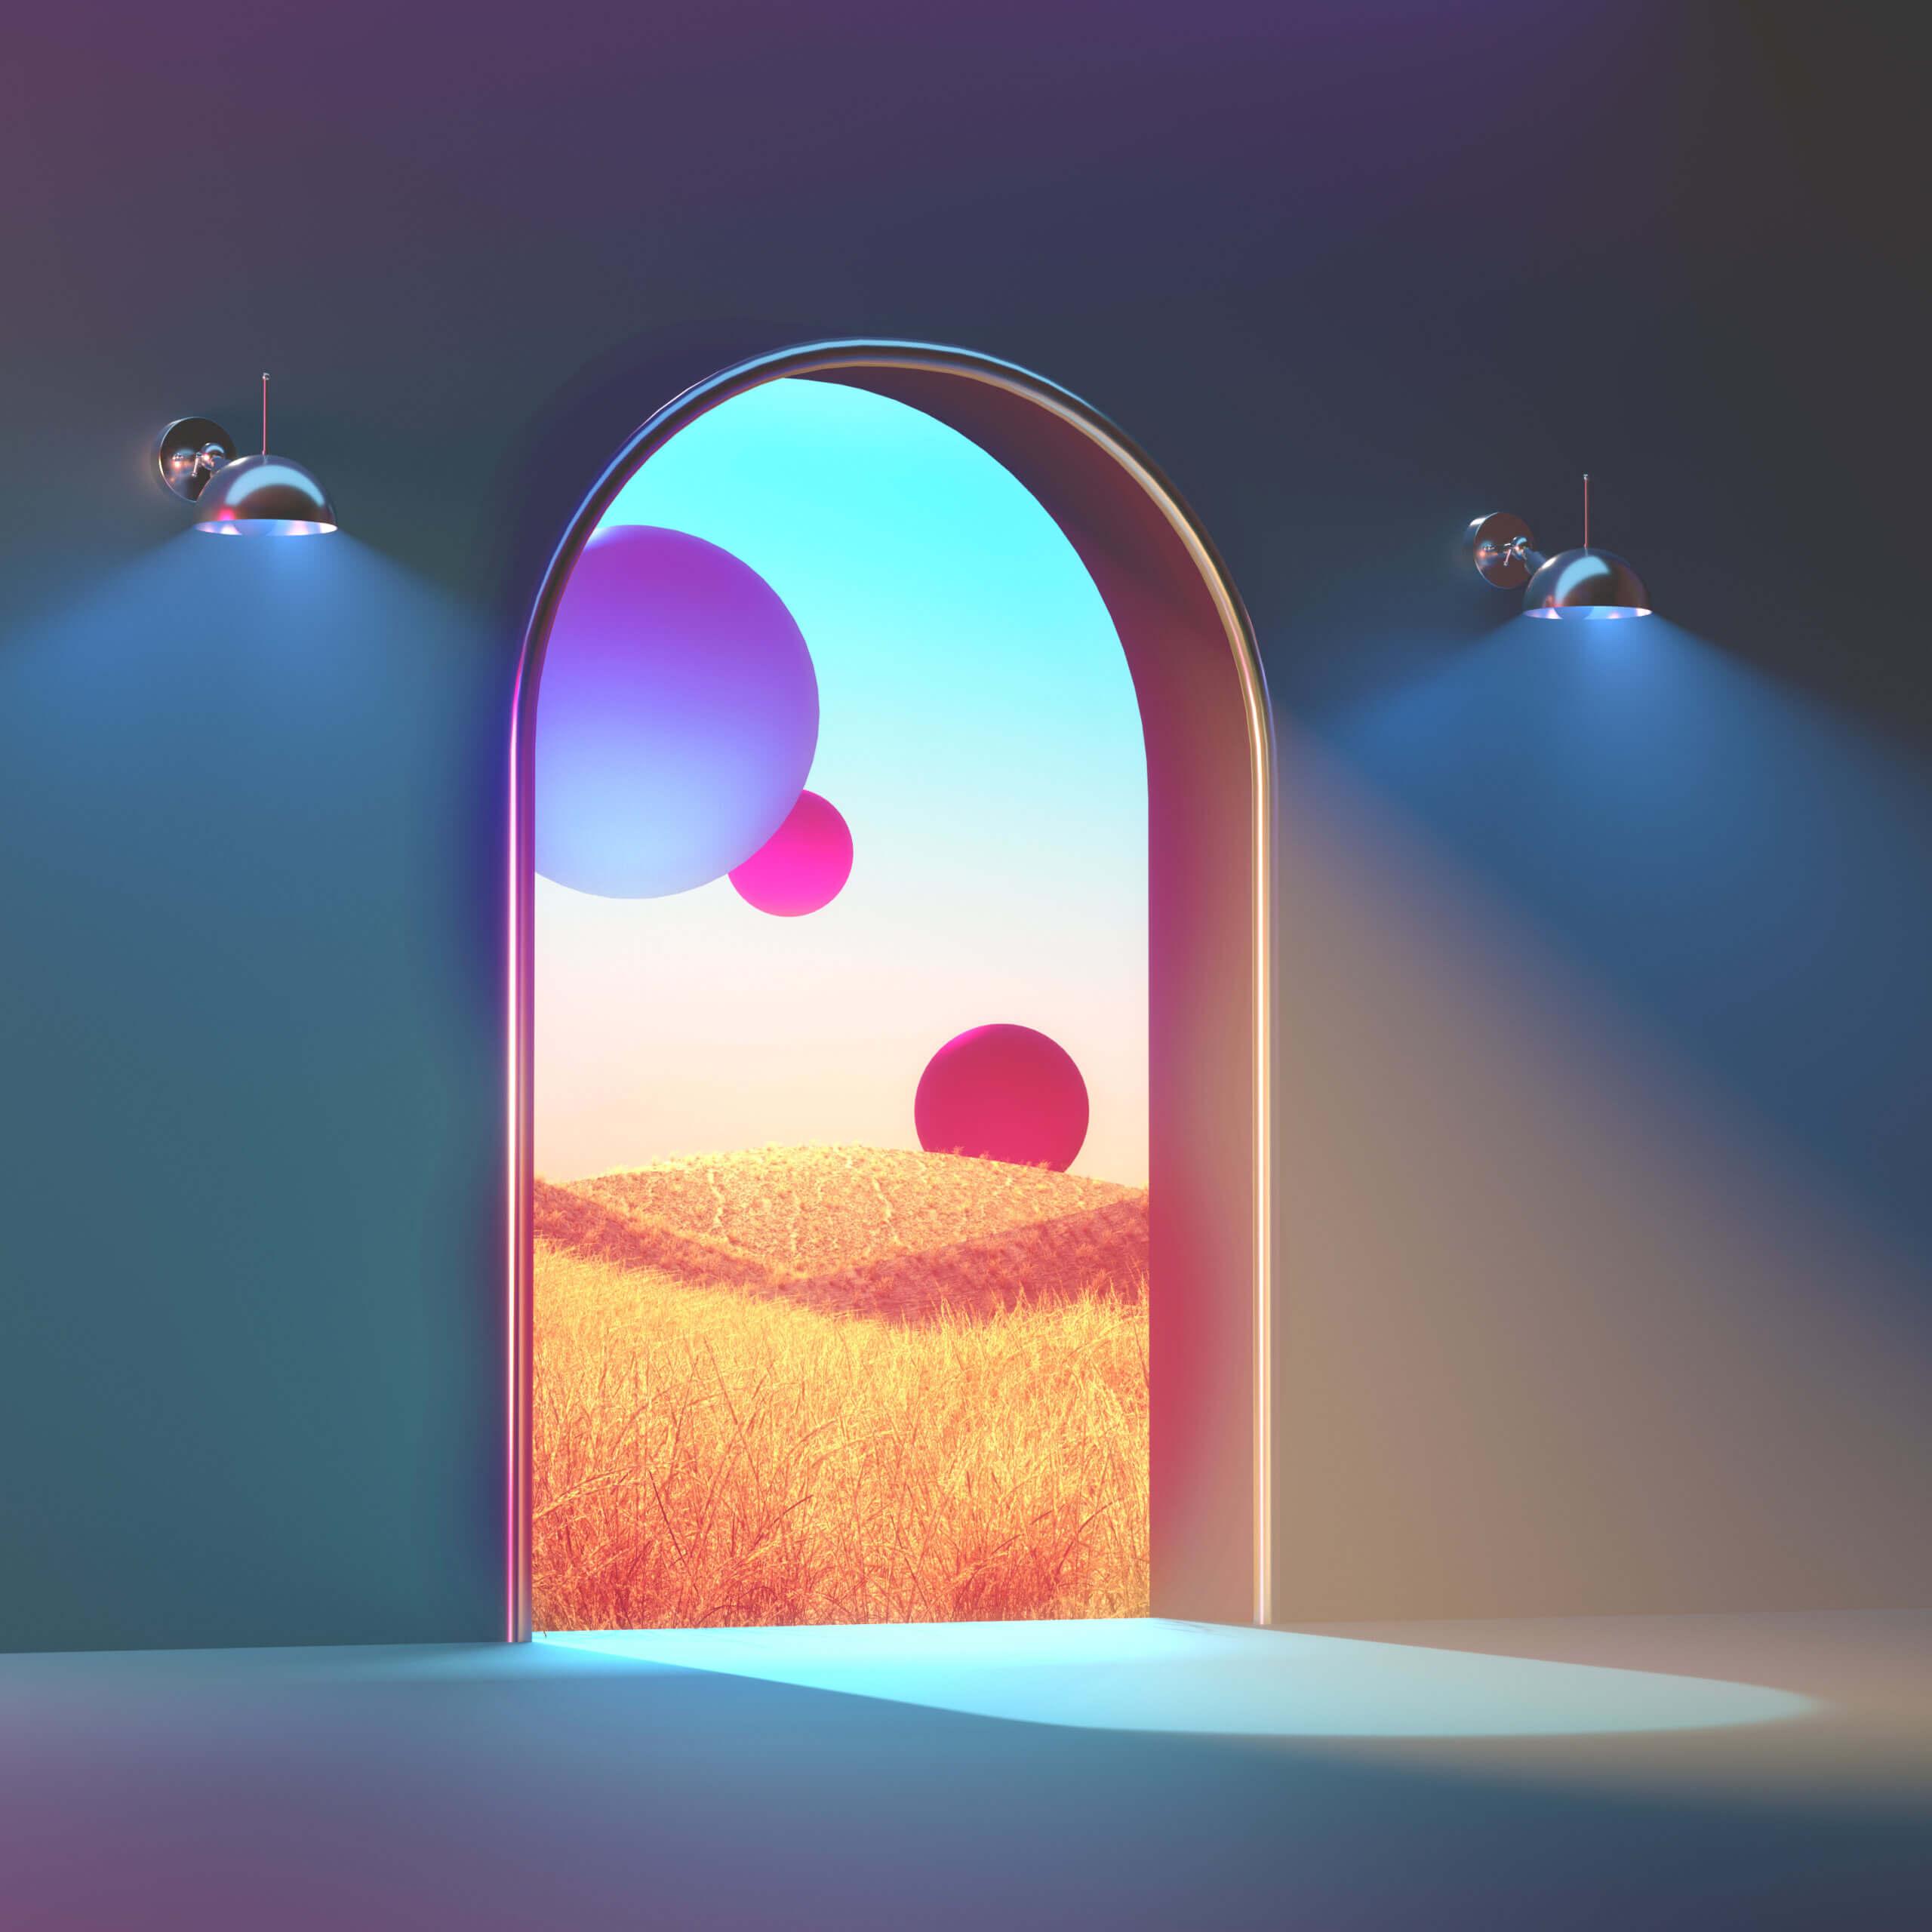 042321_doorway_master_1